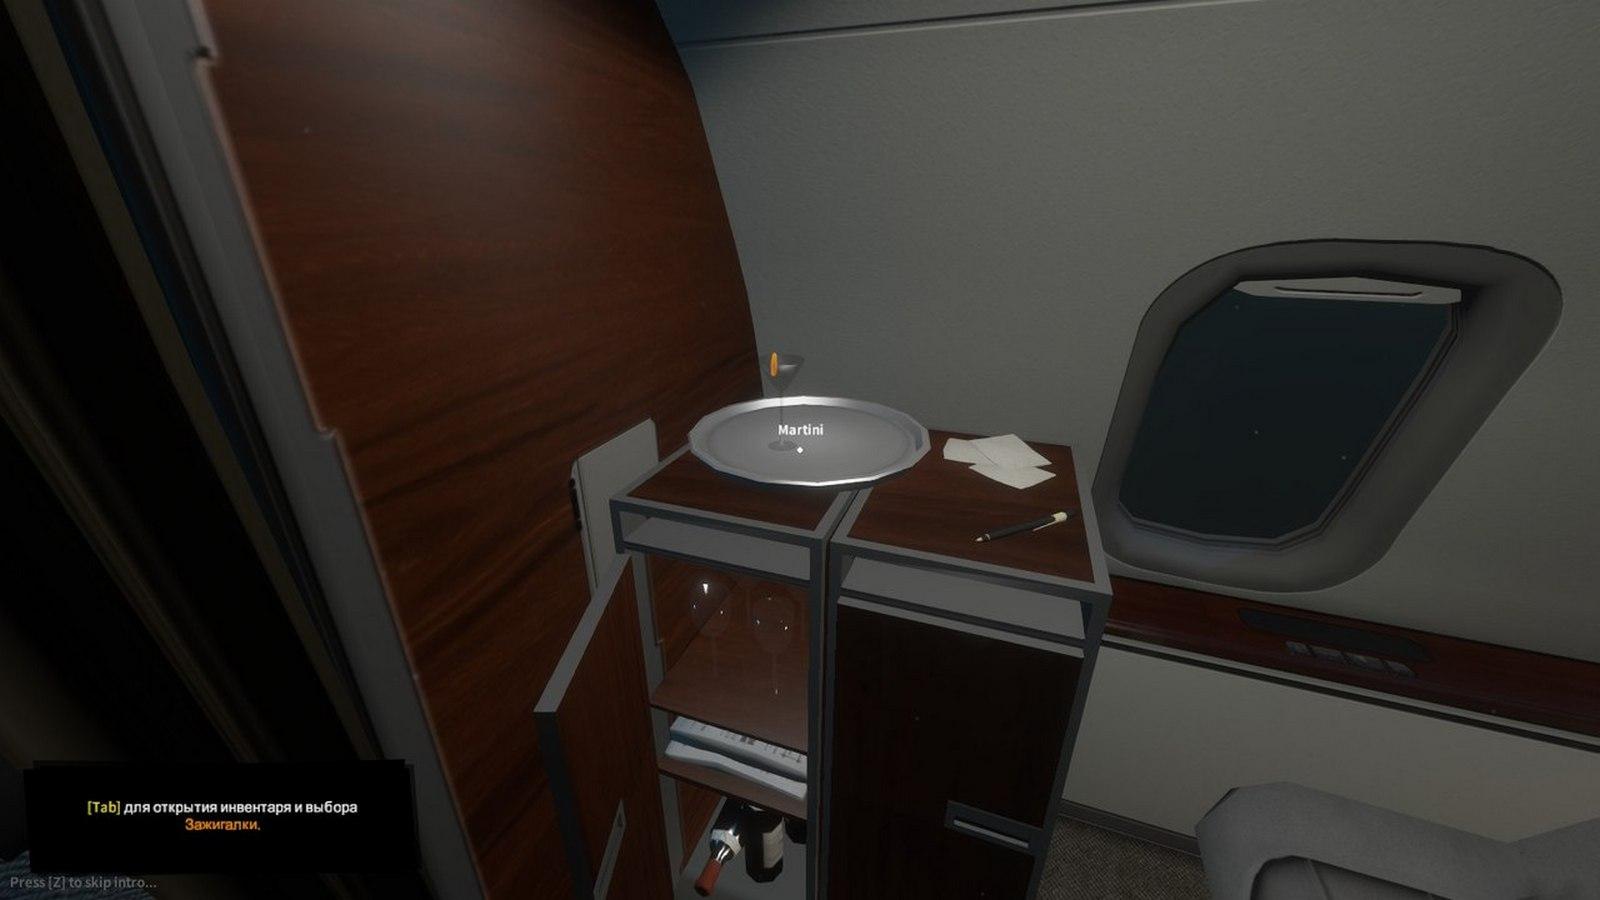 Скриншот Русификатор для игры Stranded Deep скачать торрентом